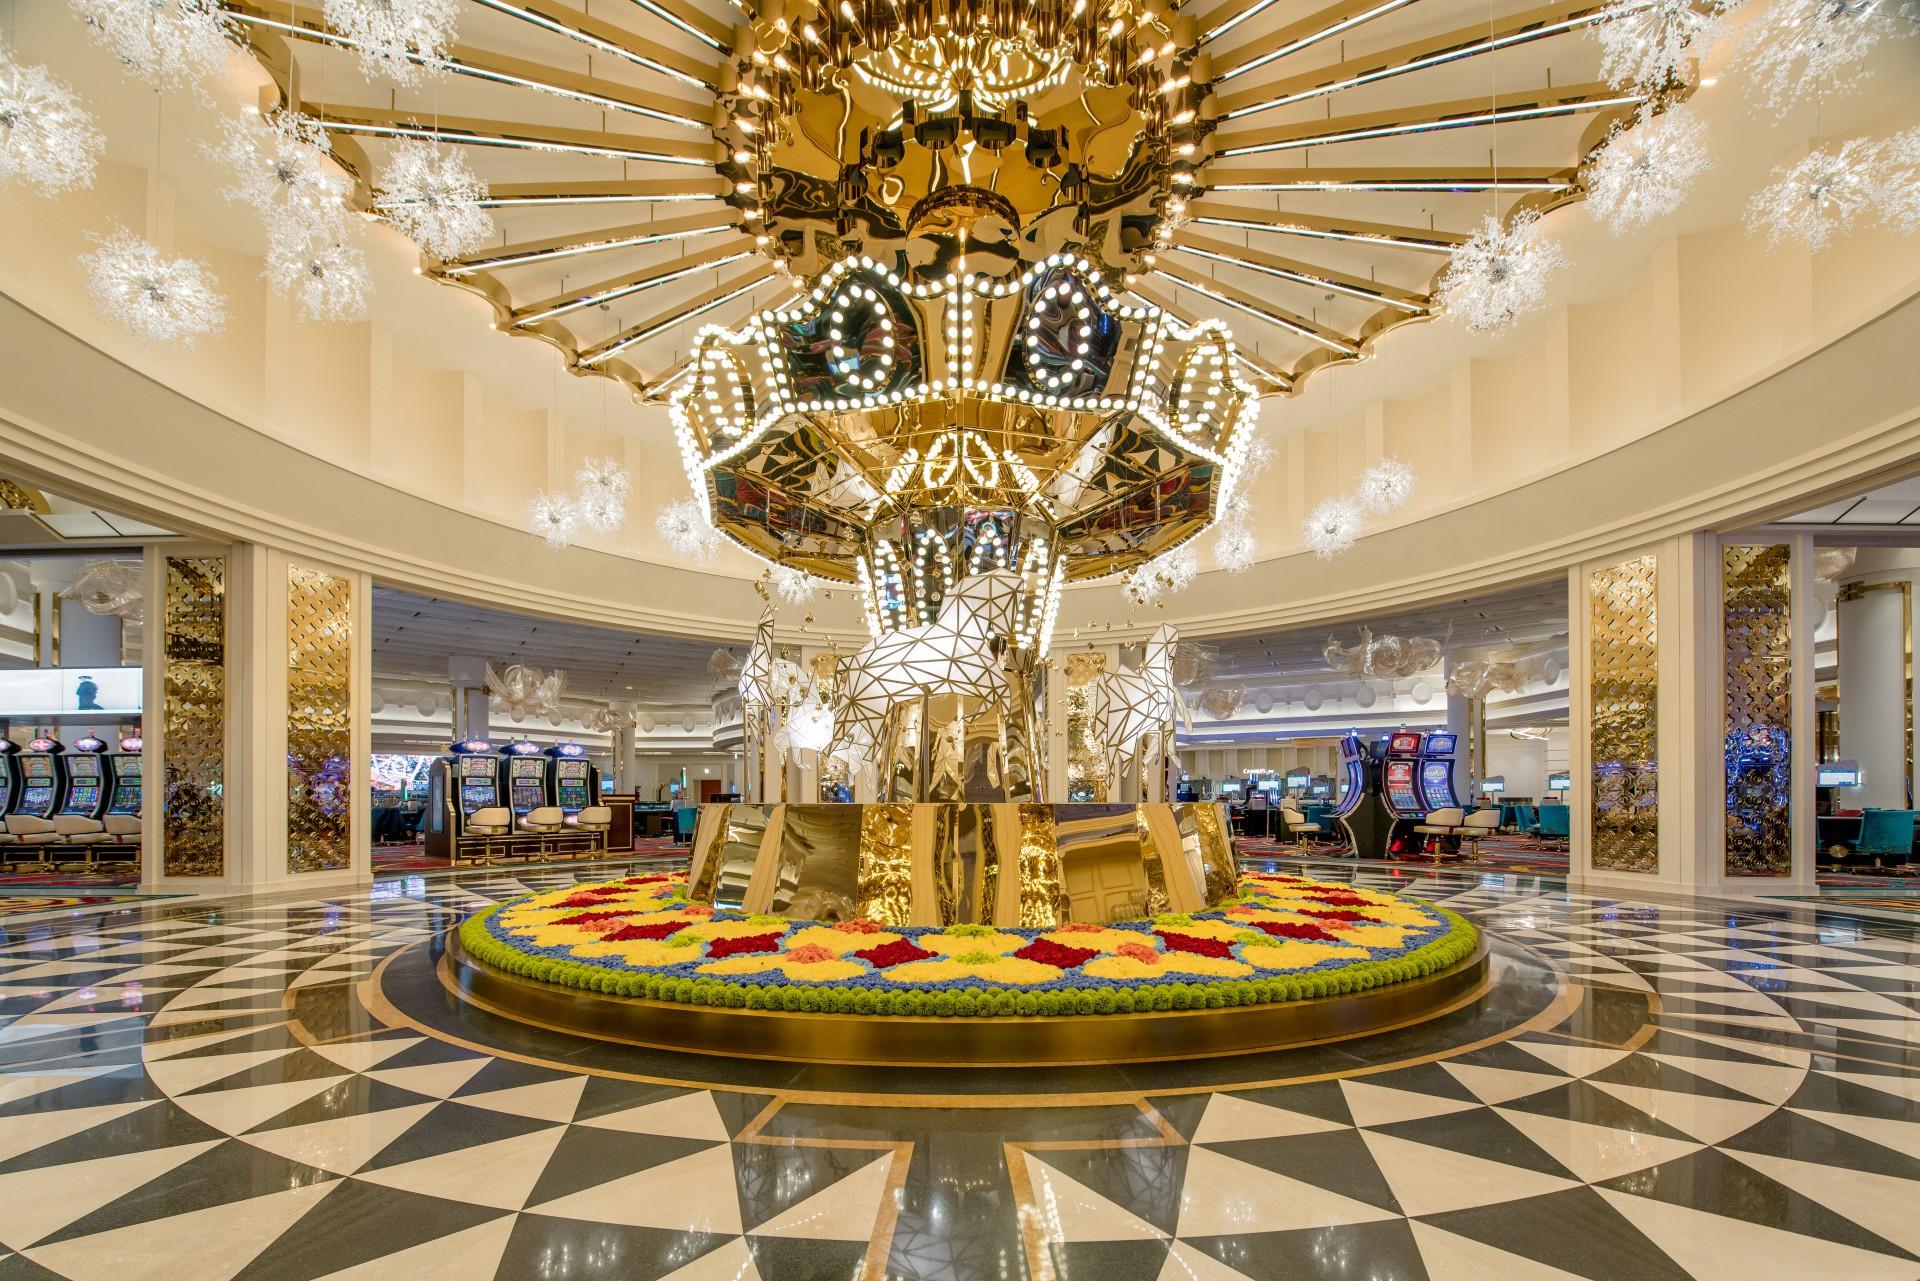 Paridise Casino